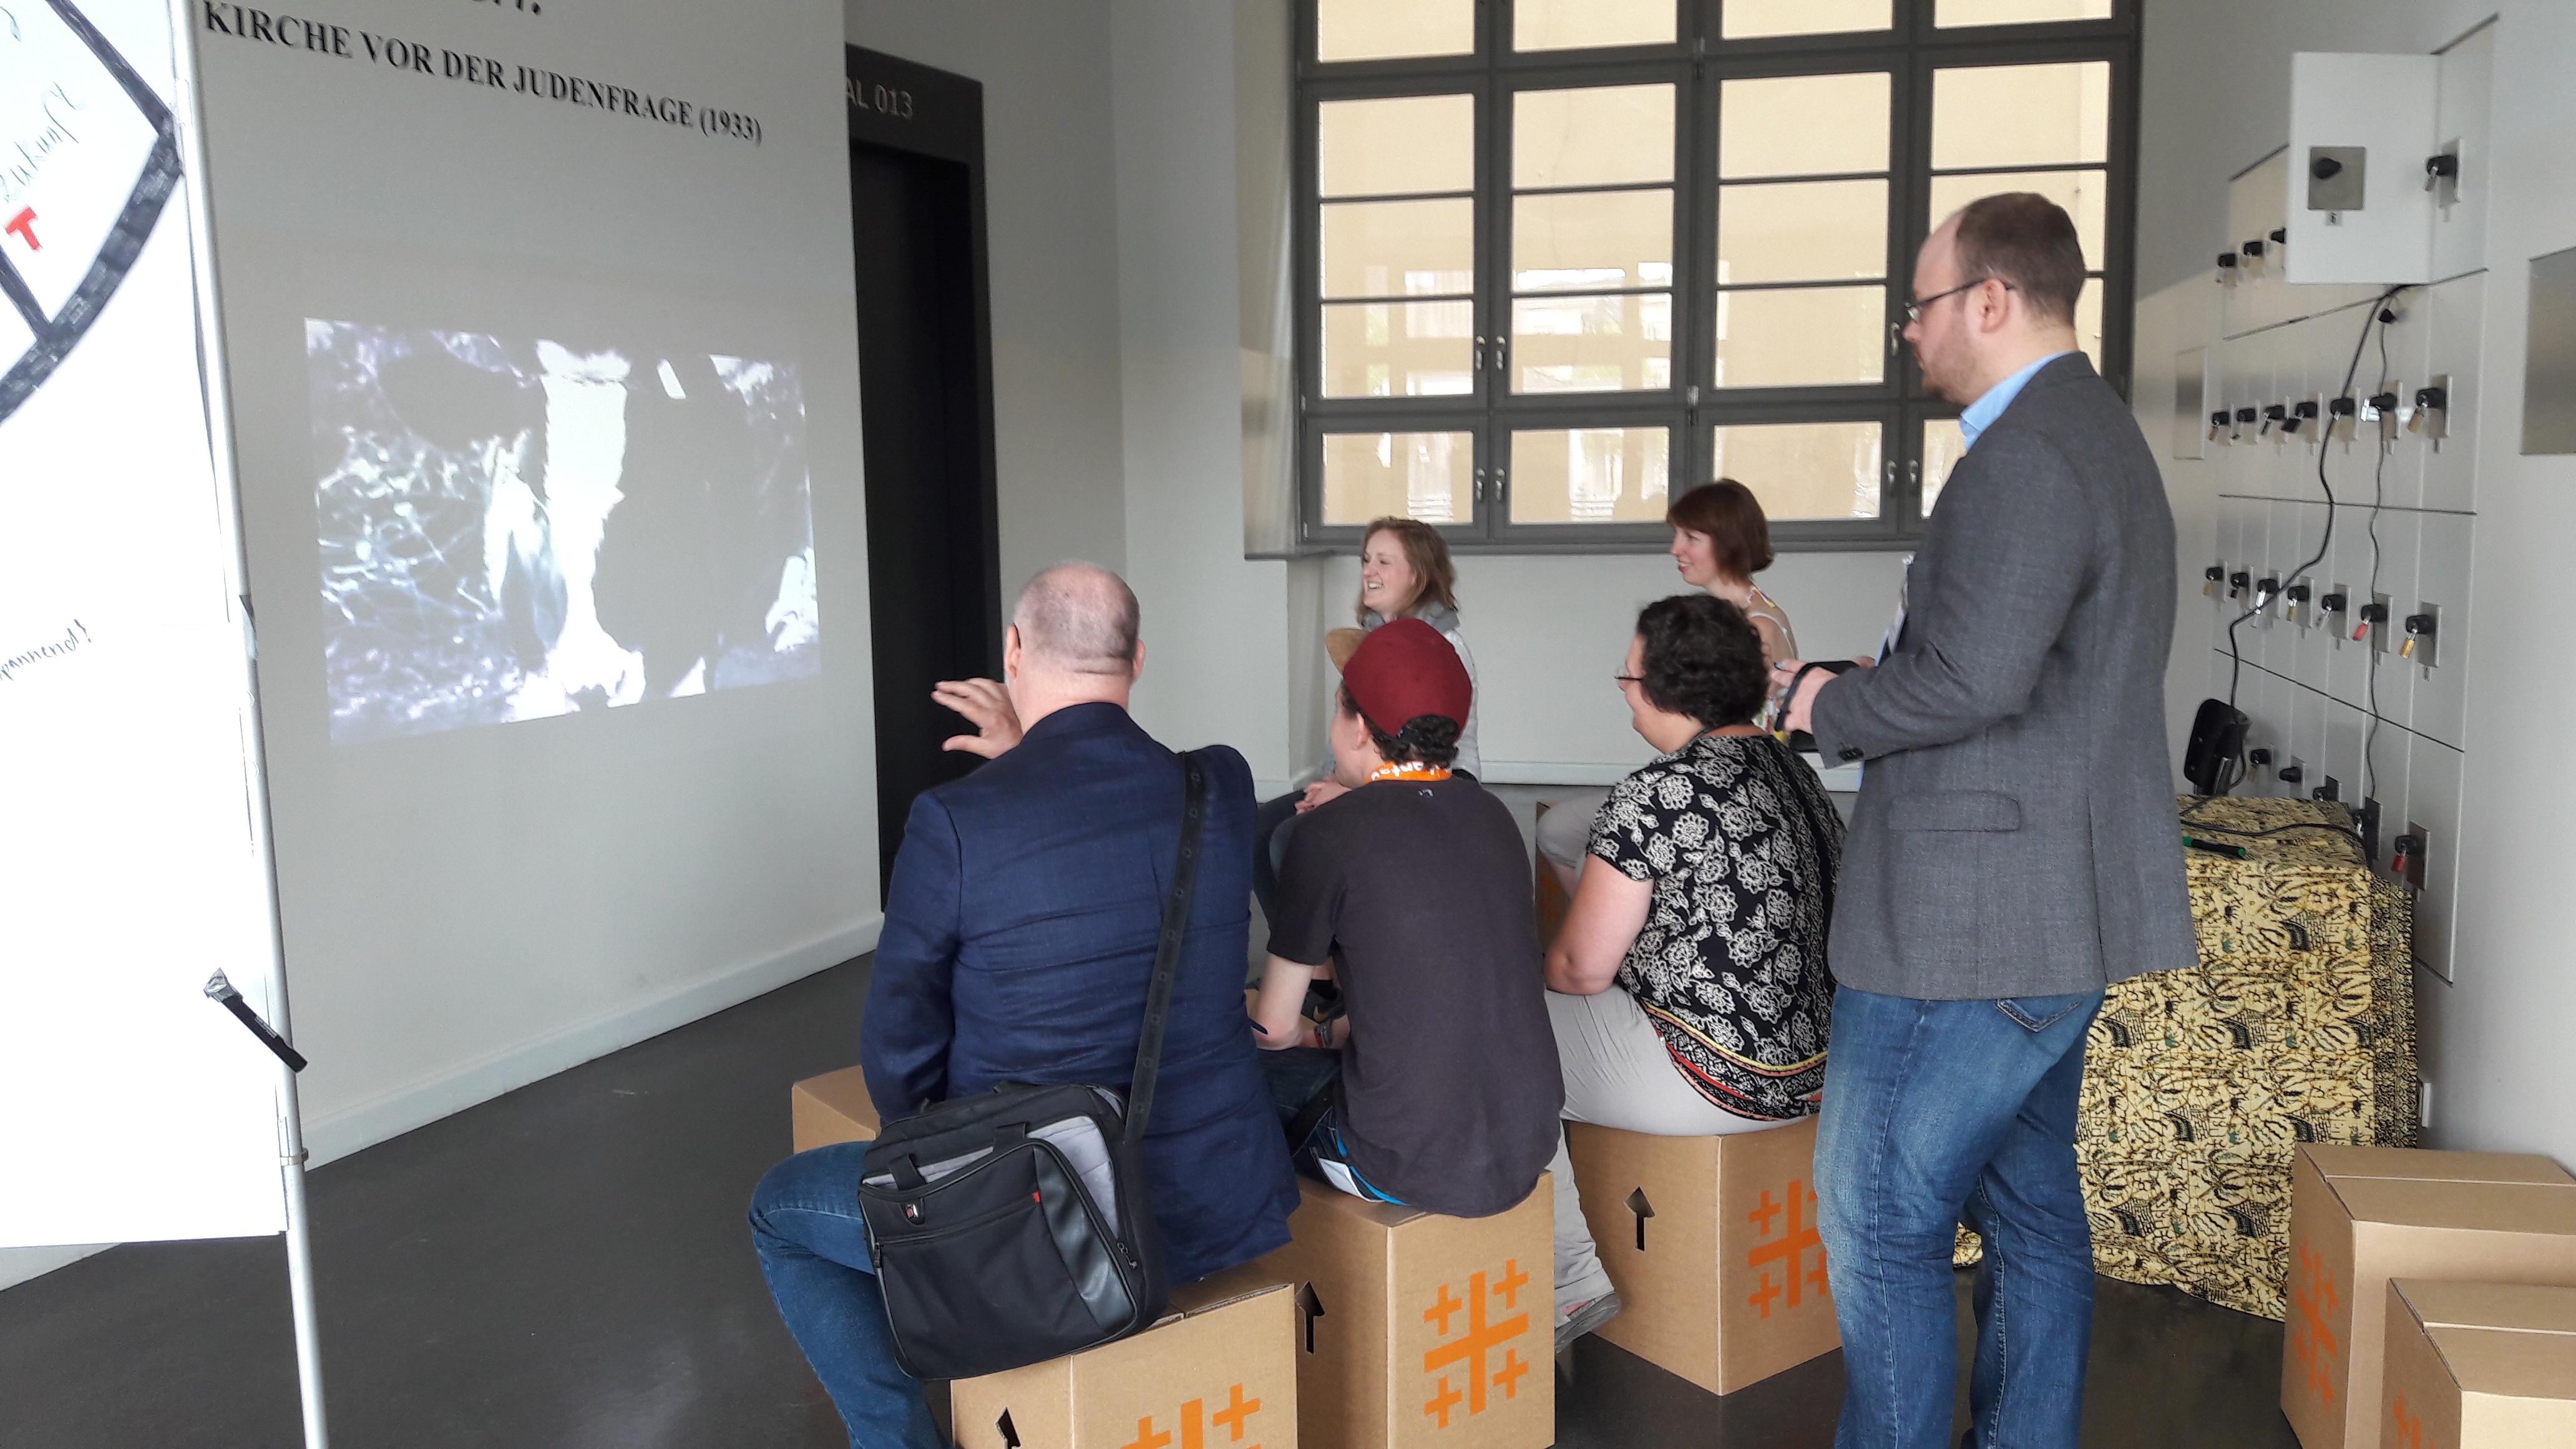 Ausstellung: Hiwarat (حِواراتْ). Religion und Migration im Dialog (Benjamin Kryl)